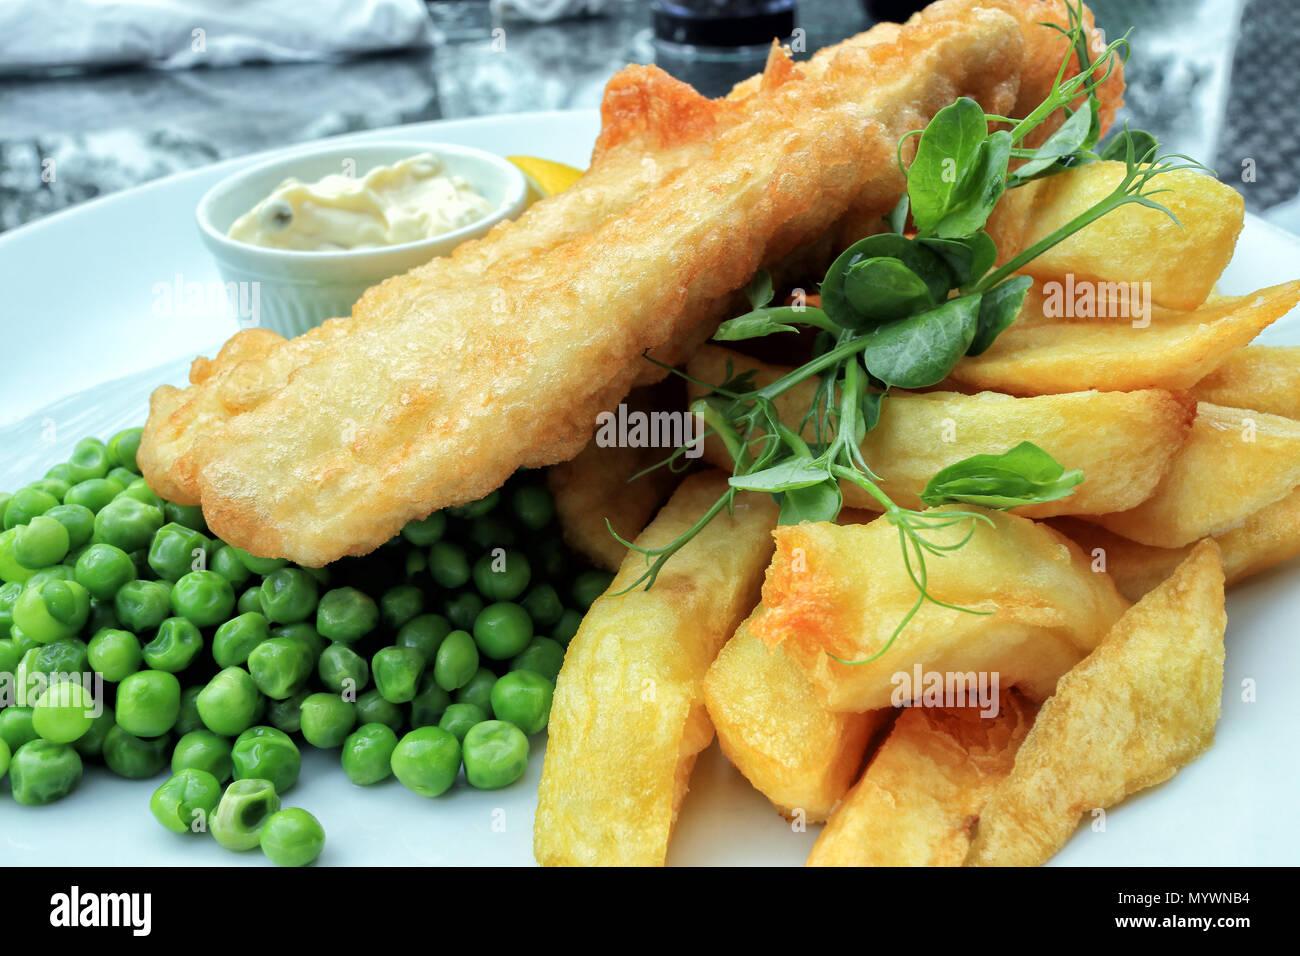 Croccante pesce martoriato e chunky patatine fritte servite con bolliti di piselli verdi e maionese, cibo inglese tradizionale . Immagini Stock